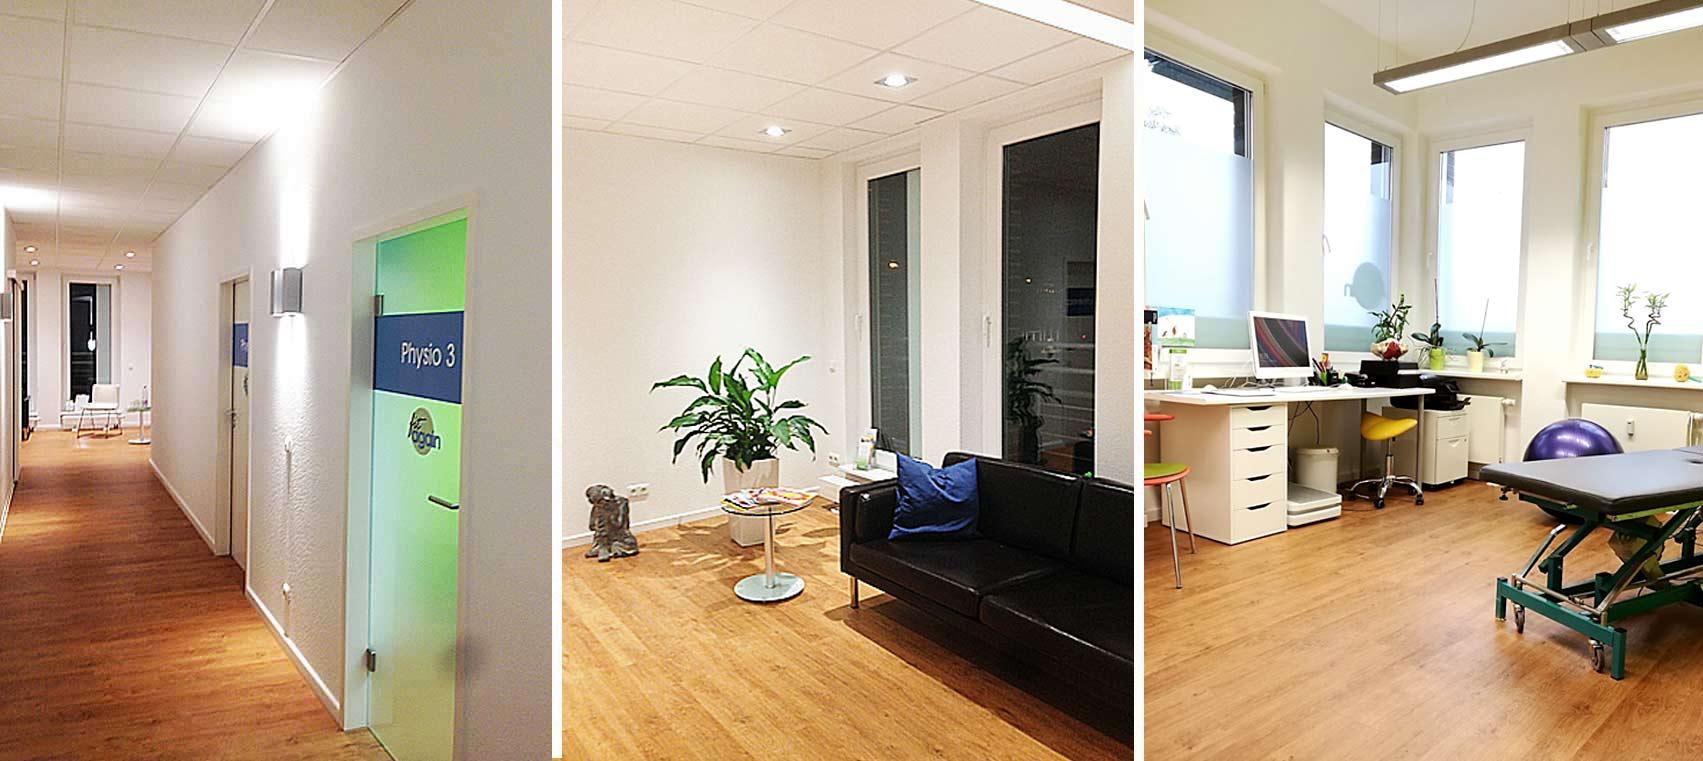 Impressionen unserer Praxis für Physiotherapie, fit again, Köln-Junkersdorf